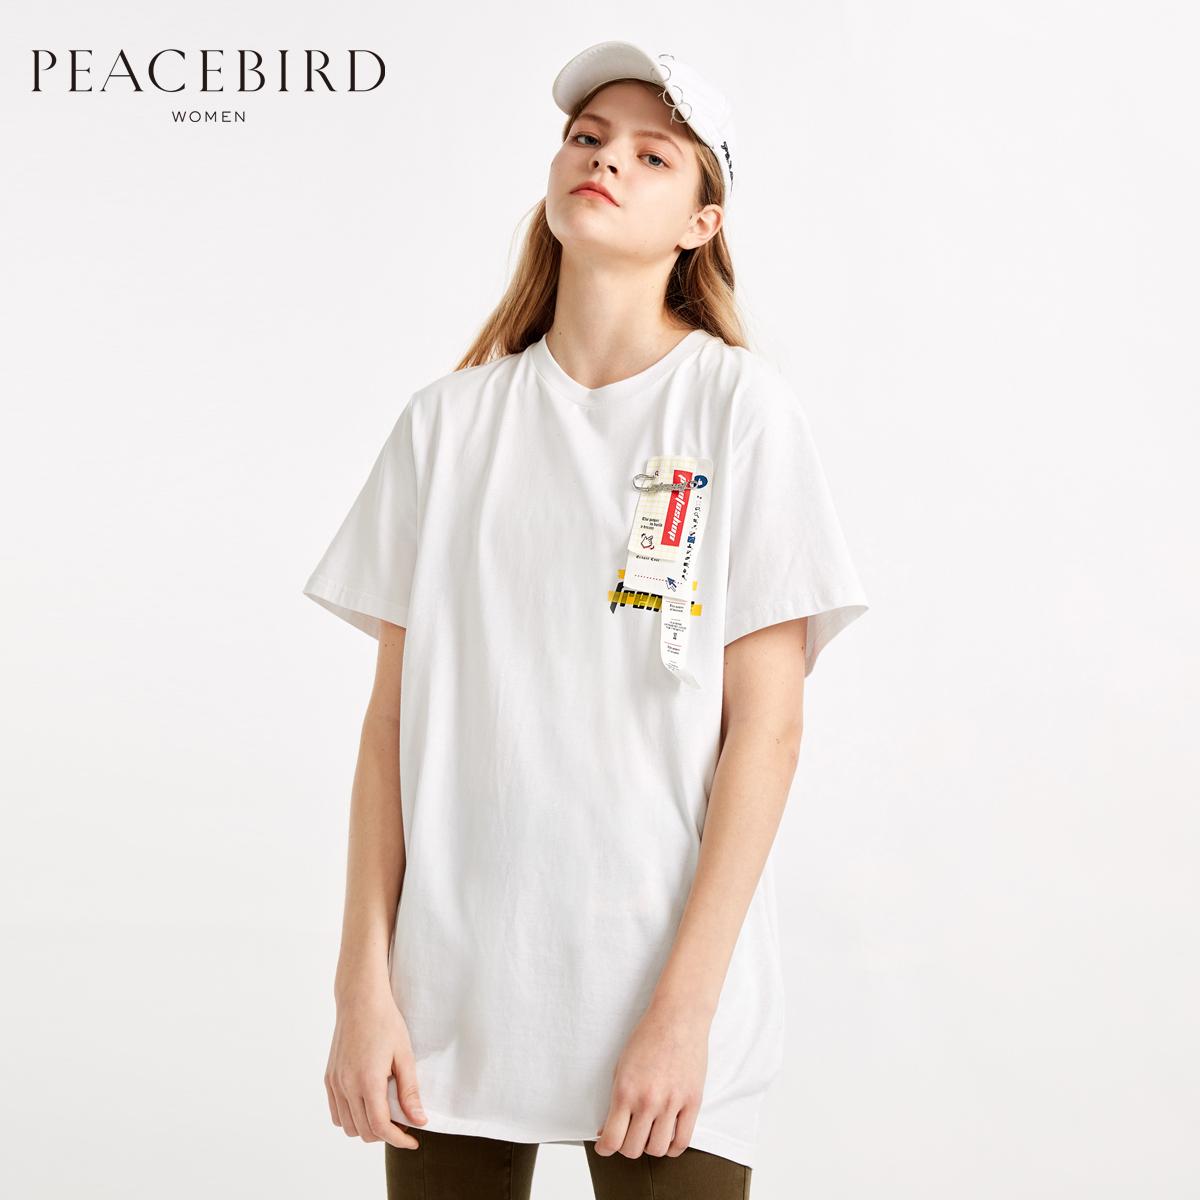 bf风t恤女短袖太平鸟女装2018夏装新款下衣失踪白色ins超火的上衣